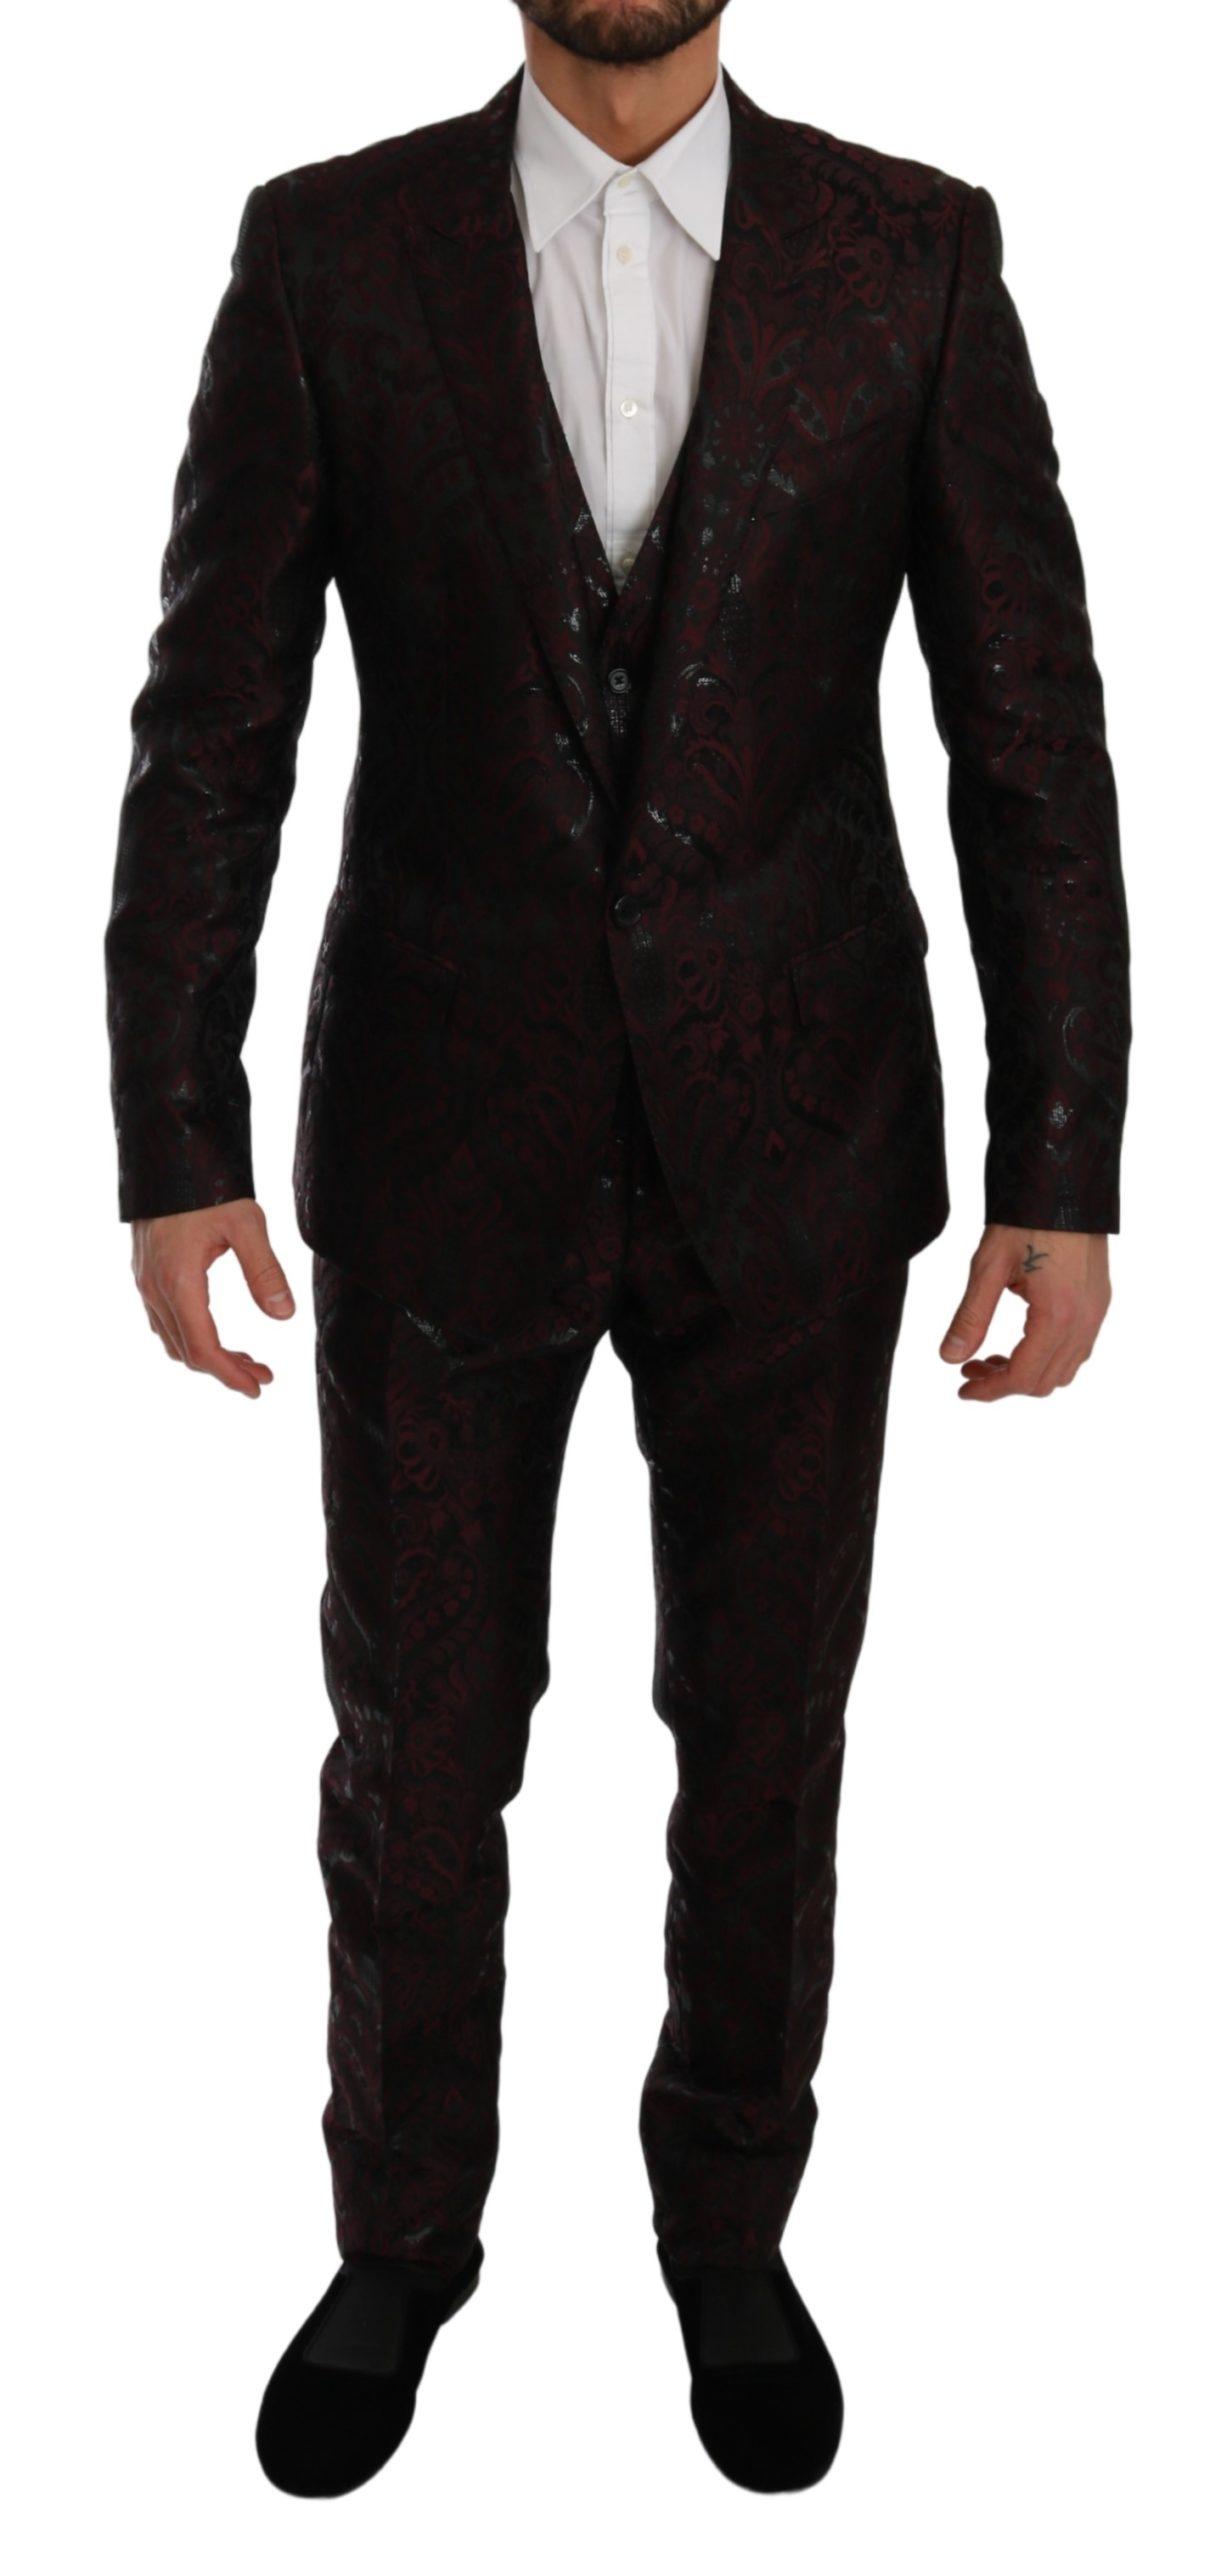 Dolce & Gabbana Men's Brocade 3 Piece Formal MARTINI Suit Bordeaux KOS1785 - IT50   L